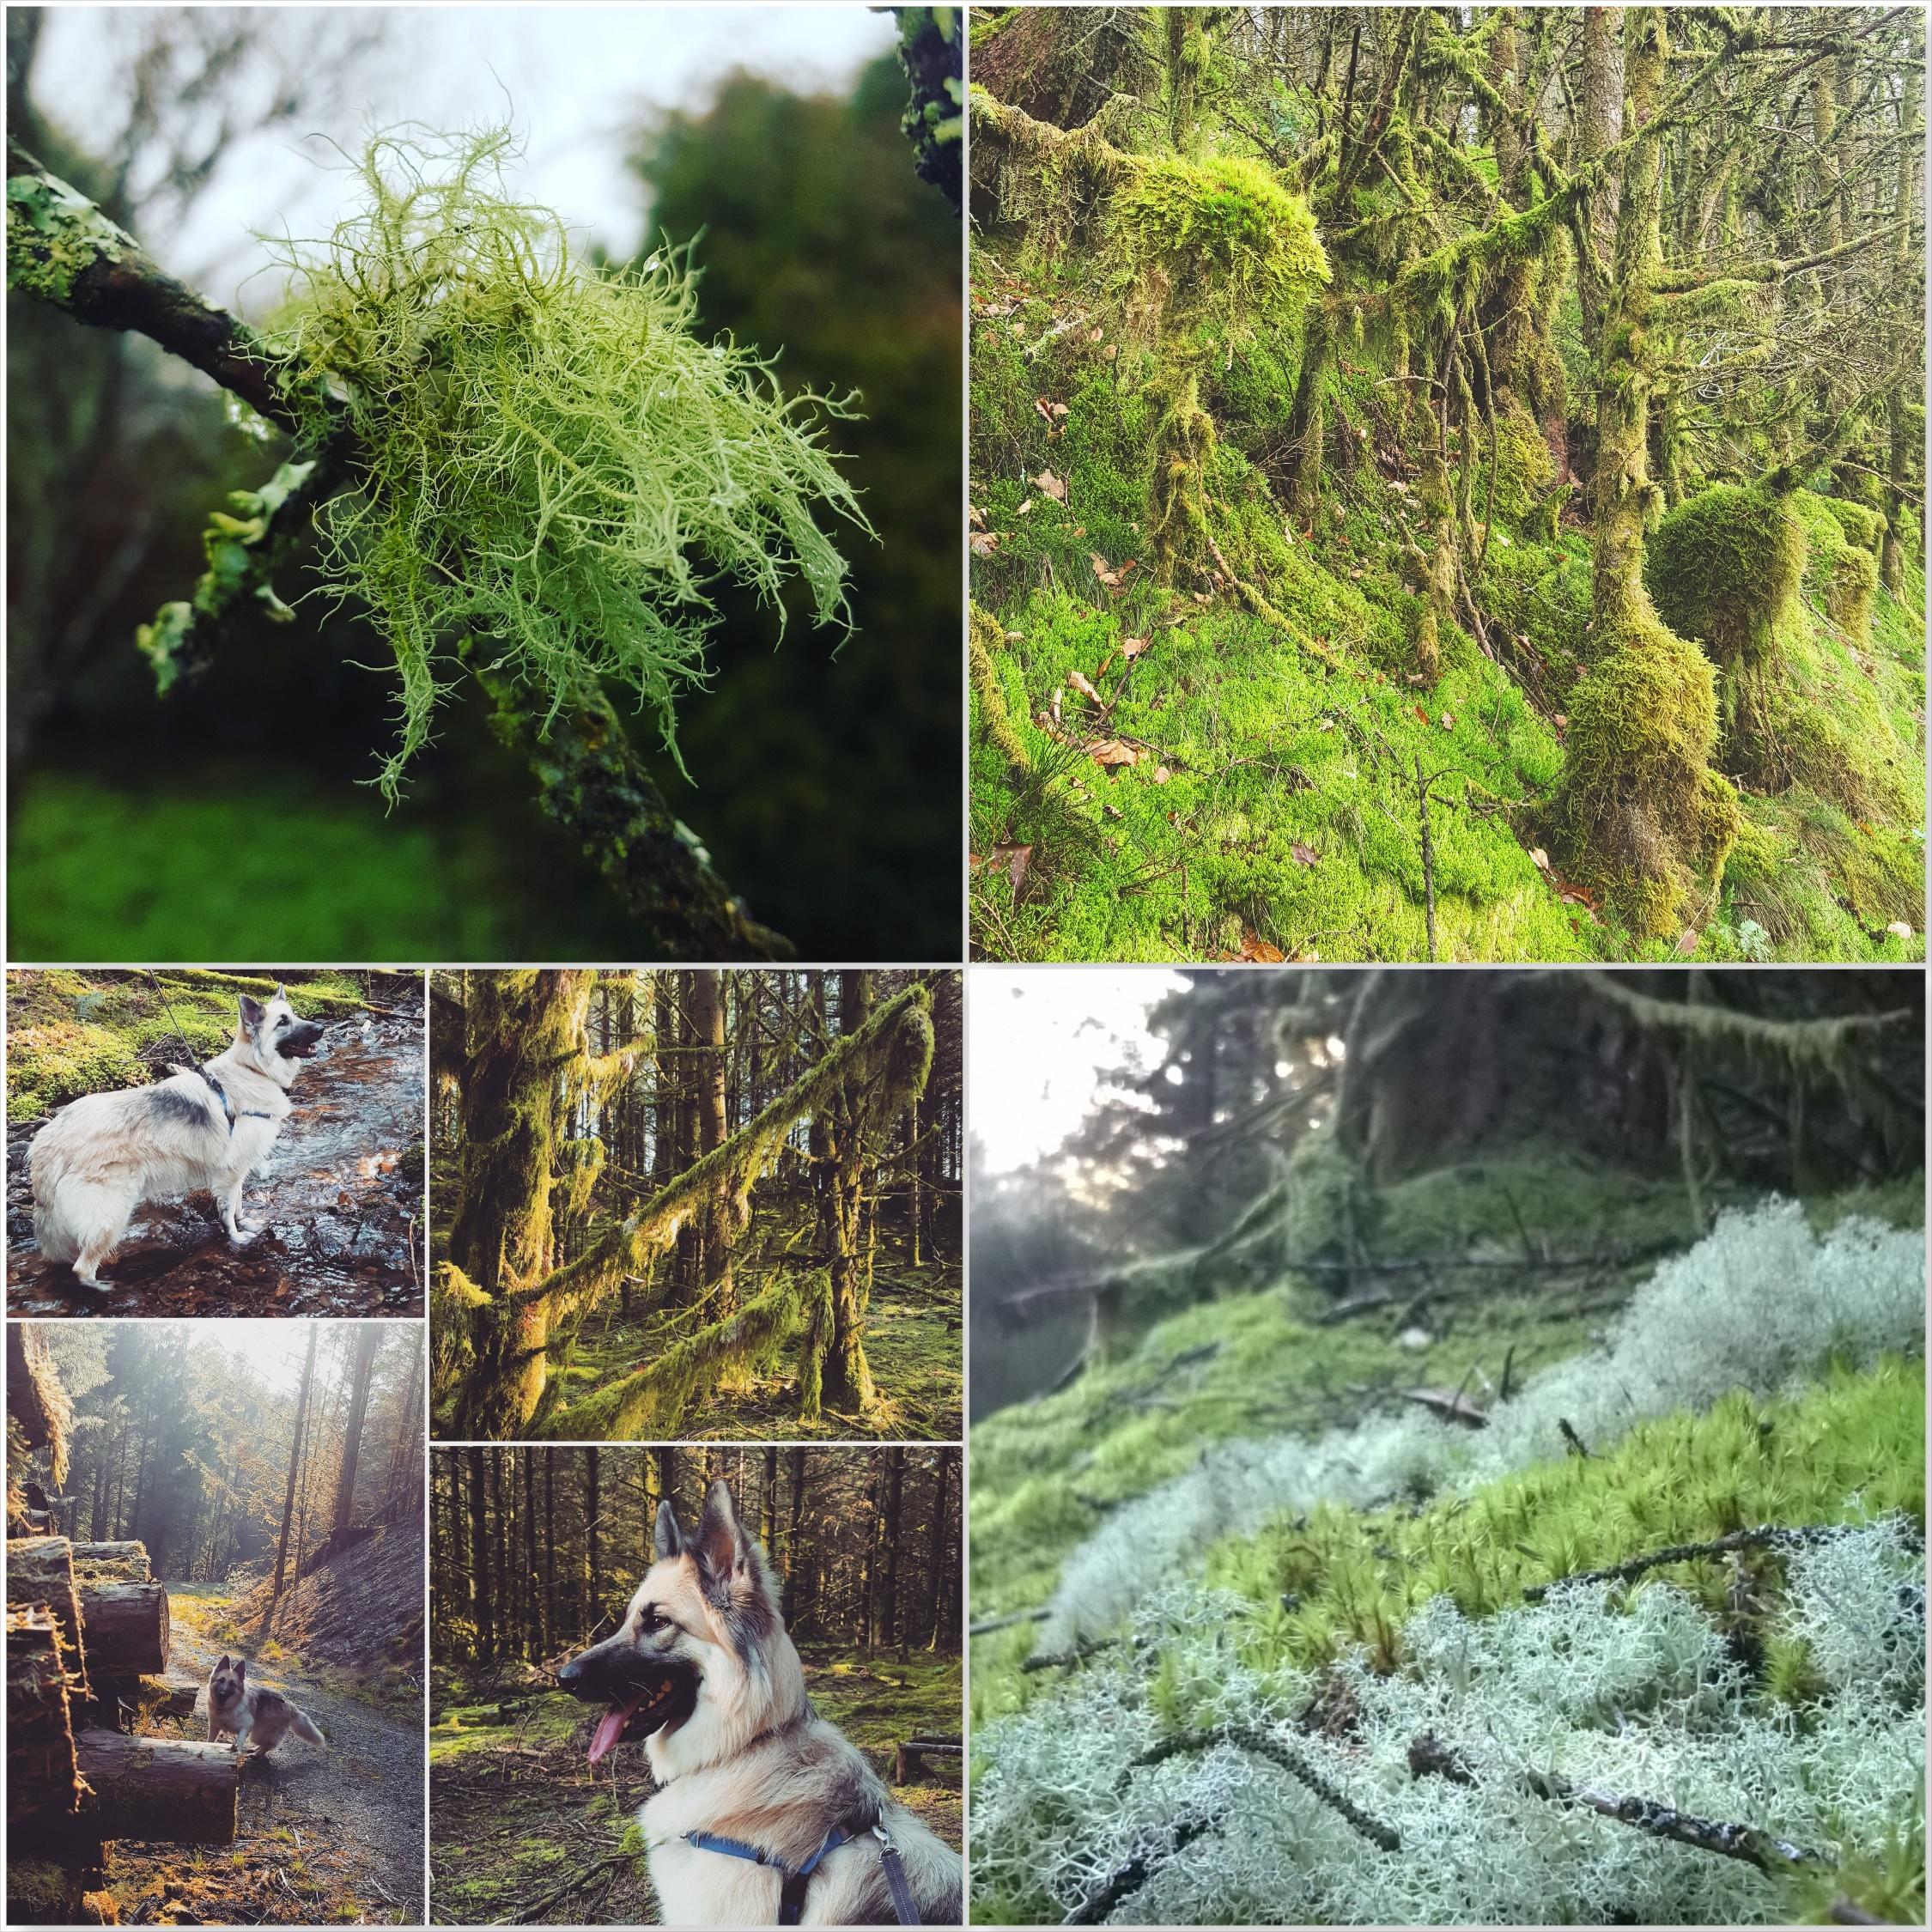 Brechfa moss - Kira - Brechfa Forest - The Last Krystallos